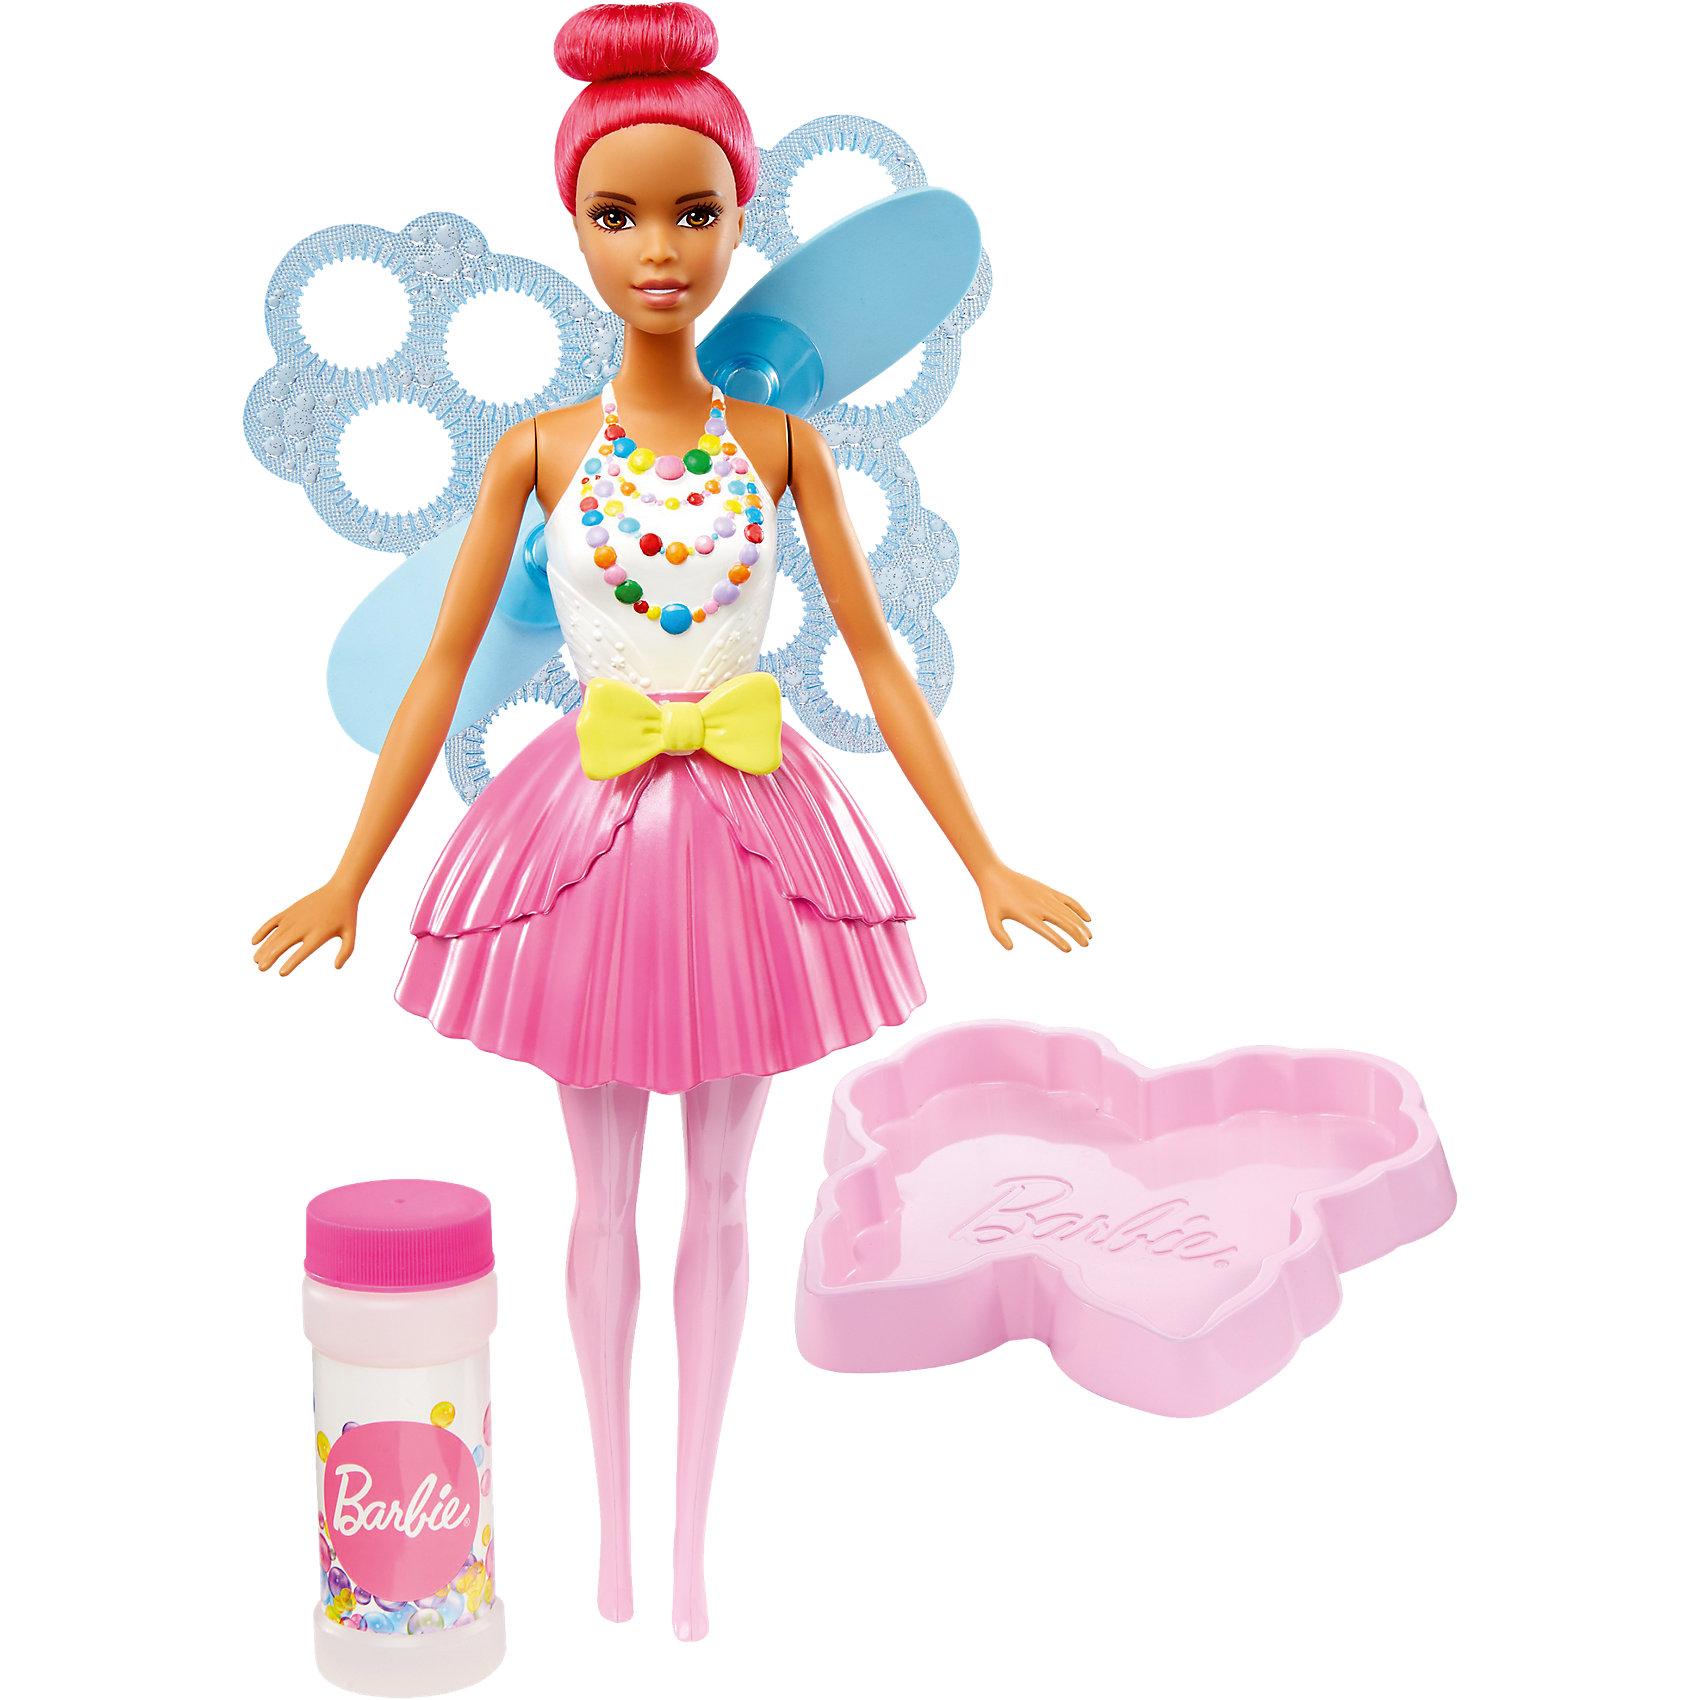 Фея с волшебными пузырьками, Barbie, 29 смBarbie<br>Характеристики товара:<br><br>• комплектация: кукла, контейнер для жидкости, раствор для мыльных пузырей<br>• материал: пластик<br>• серия: Barbie™ Dreamtopia «Сладкое Королевство»<br>• высота куклы: 28 см<br>• возраст: от трех лет<br>• размер упаковки: 33х12х5 см<br>• вес: 0,3 кг<br>• страна бренда: США<br><br>Эта красивая кукла Барби порадует маленьких любительниц мыльных пузырей! Чтобы начать с ней играть, необходимо просто налить раствор из бутылочки, окунуть в него крылья куклы и потянуть за ленточку на её поясе - появятся волшебные пузыри! Барби из серии Сладкое Королевство станет великолепным подарком для девочек. Кукла одета в яркий наряд.<br><br>Куклы - это не только весело, они помогают девочкам развить вкус и чувство стиля, отработать сценарии поведения в обществе, развить воображение и мелкую моторику. Кукла от бренда Mattel не перестает быть популярной! <br><br>Куклу Фея с волшебными пузырьками от компании Mattel можно купить в нашем интернет-магазине.<br><br>Ширина мм: 325<br>Глубина мм: 230<br>Высота мм: 91<br>Вес г: 444<br>Возраст от месяцев: 36<br>Возраст до месяцев: 72<br>Пол: Женский<br>Возраст: Детский<br>SKU: 5262152